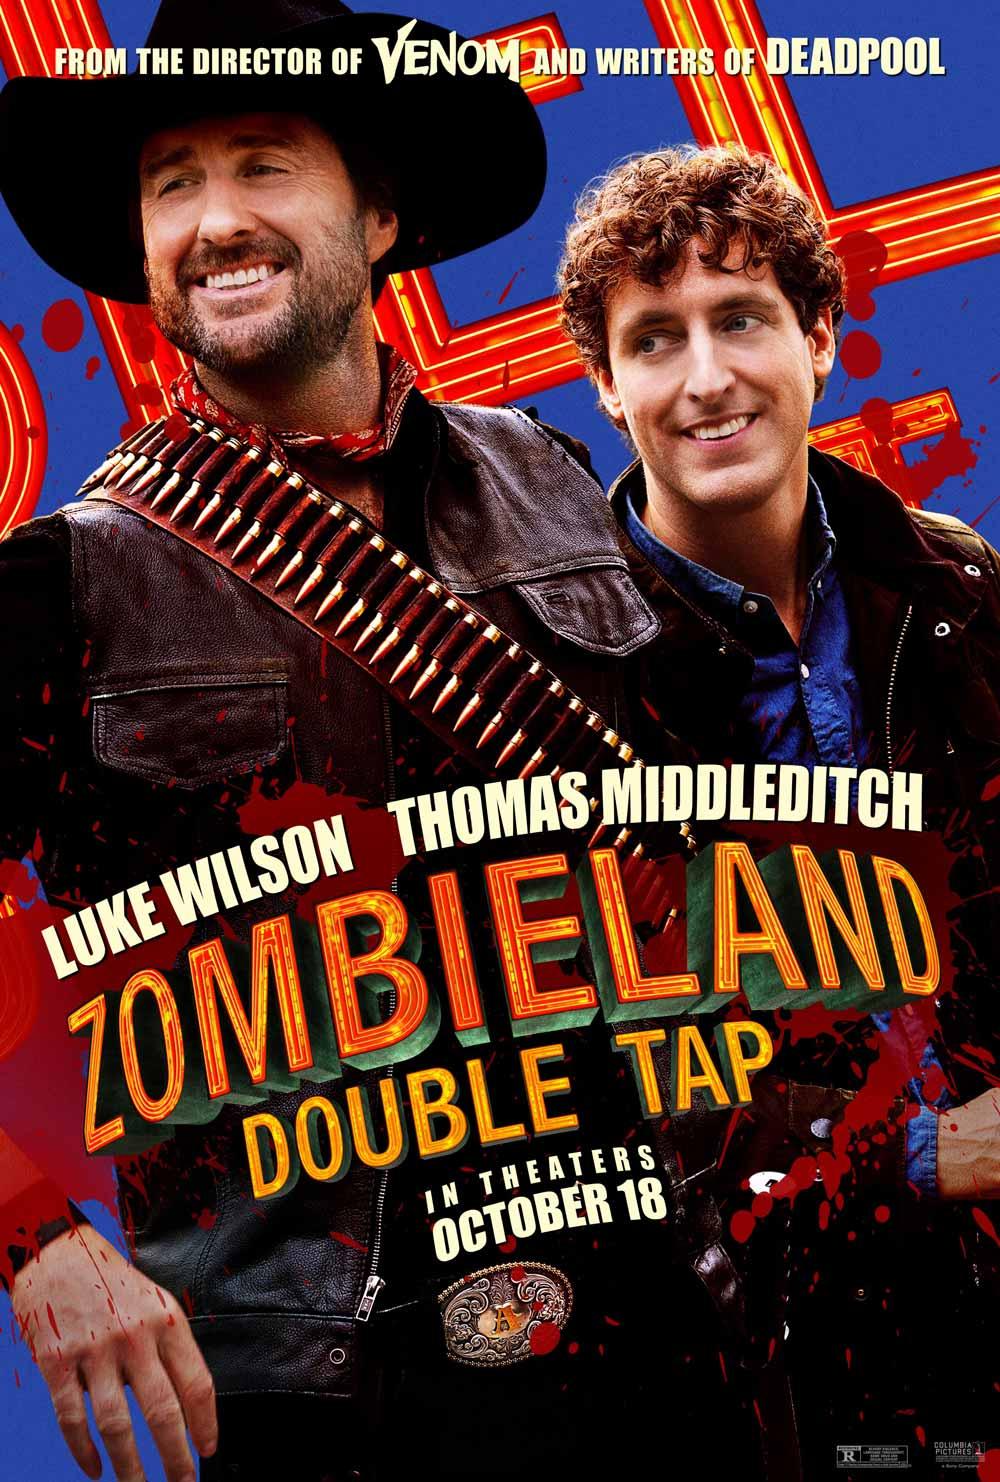 Zombieland Mata y remata Like Wilson y Thomas Milddleditch